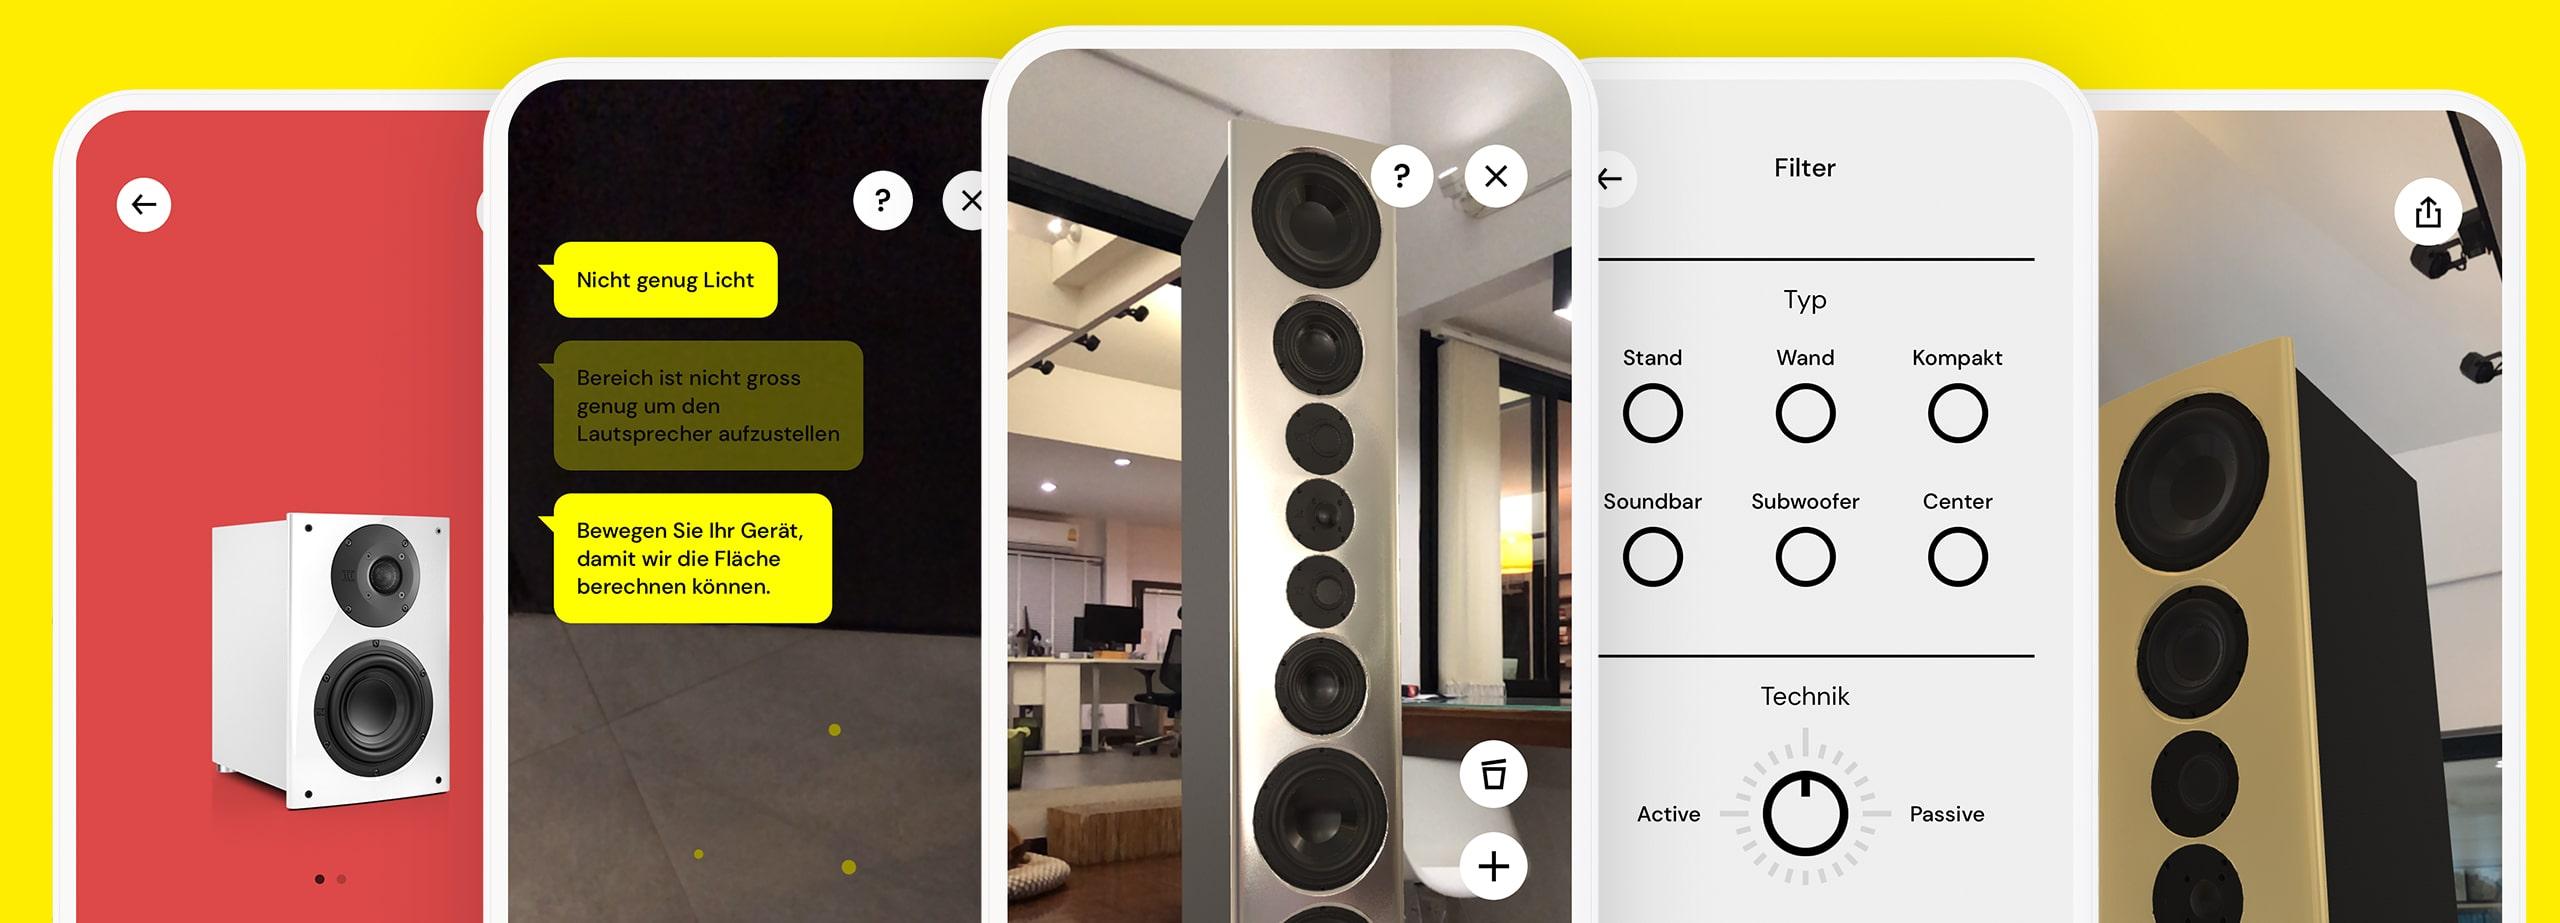 nubert-intro-teaser-app-desktop